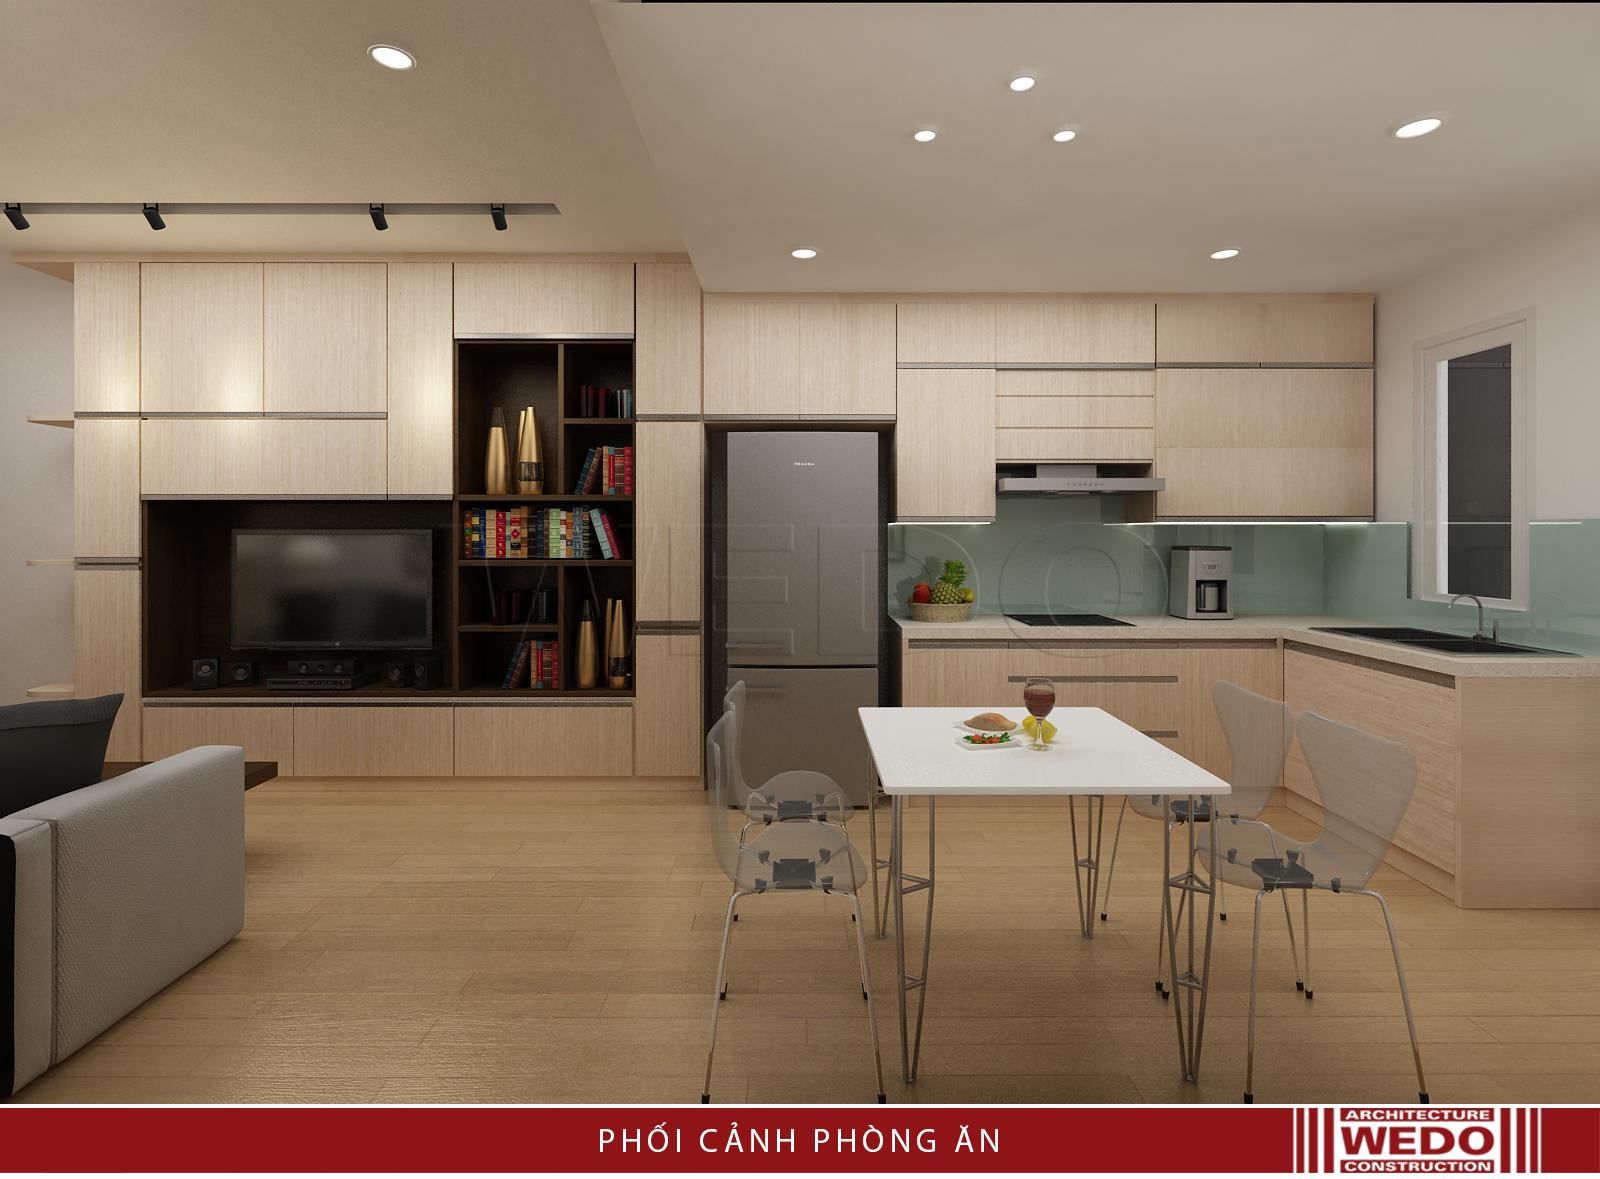 Nội thất phòng ăn chung cư VP5 - Linh Đàm